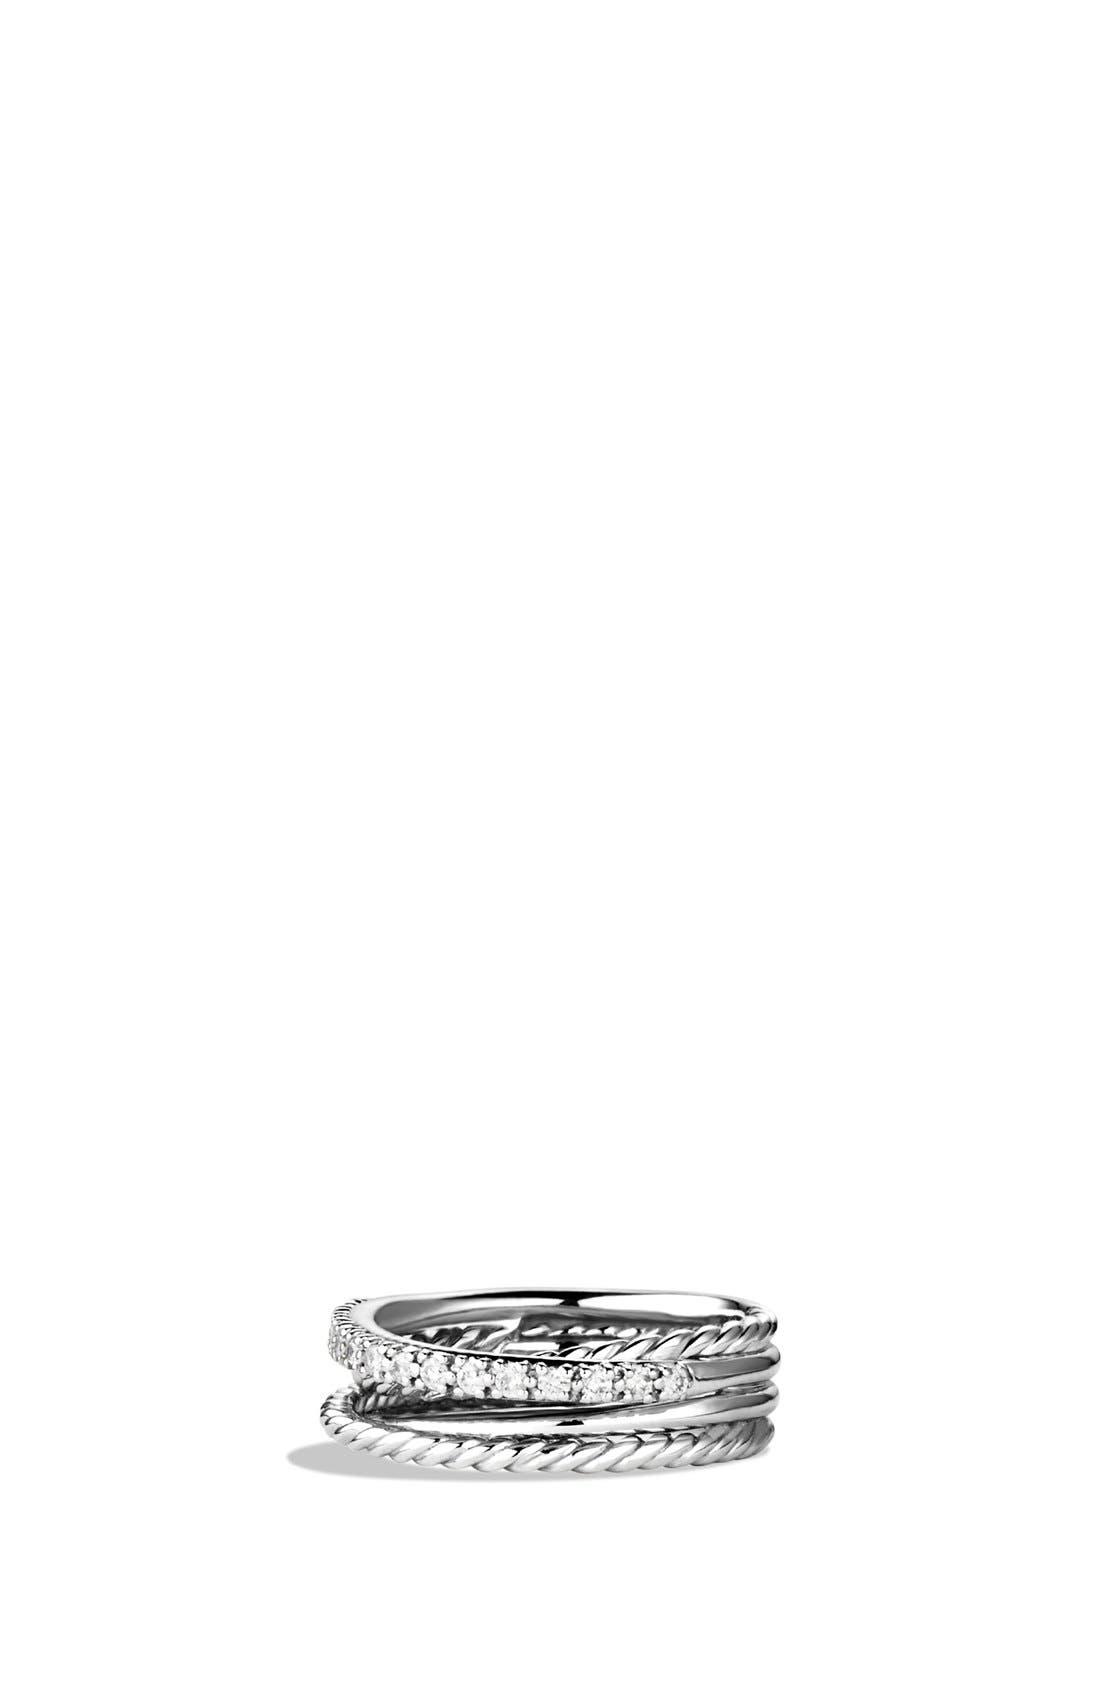 DAVID YURMAN 'Crossover' Ring with Diamonds, Main, color, SILVER/ DIAMOND